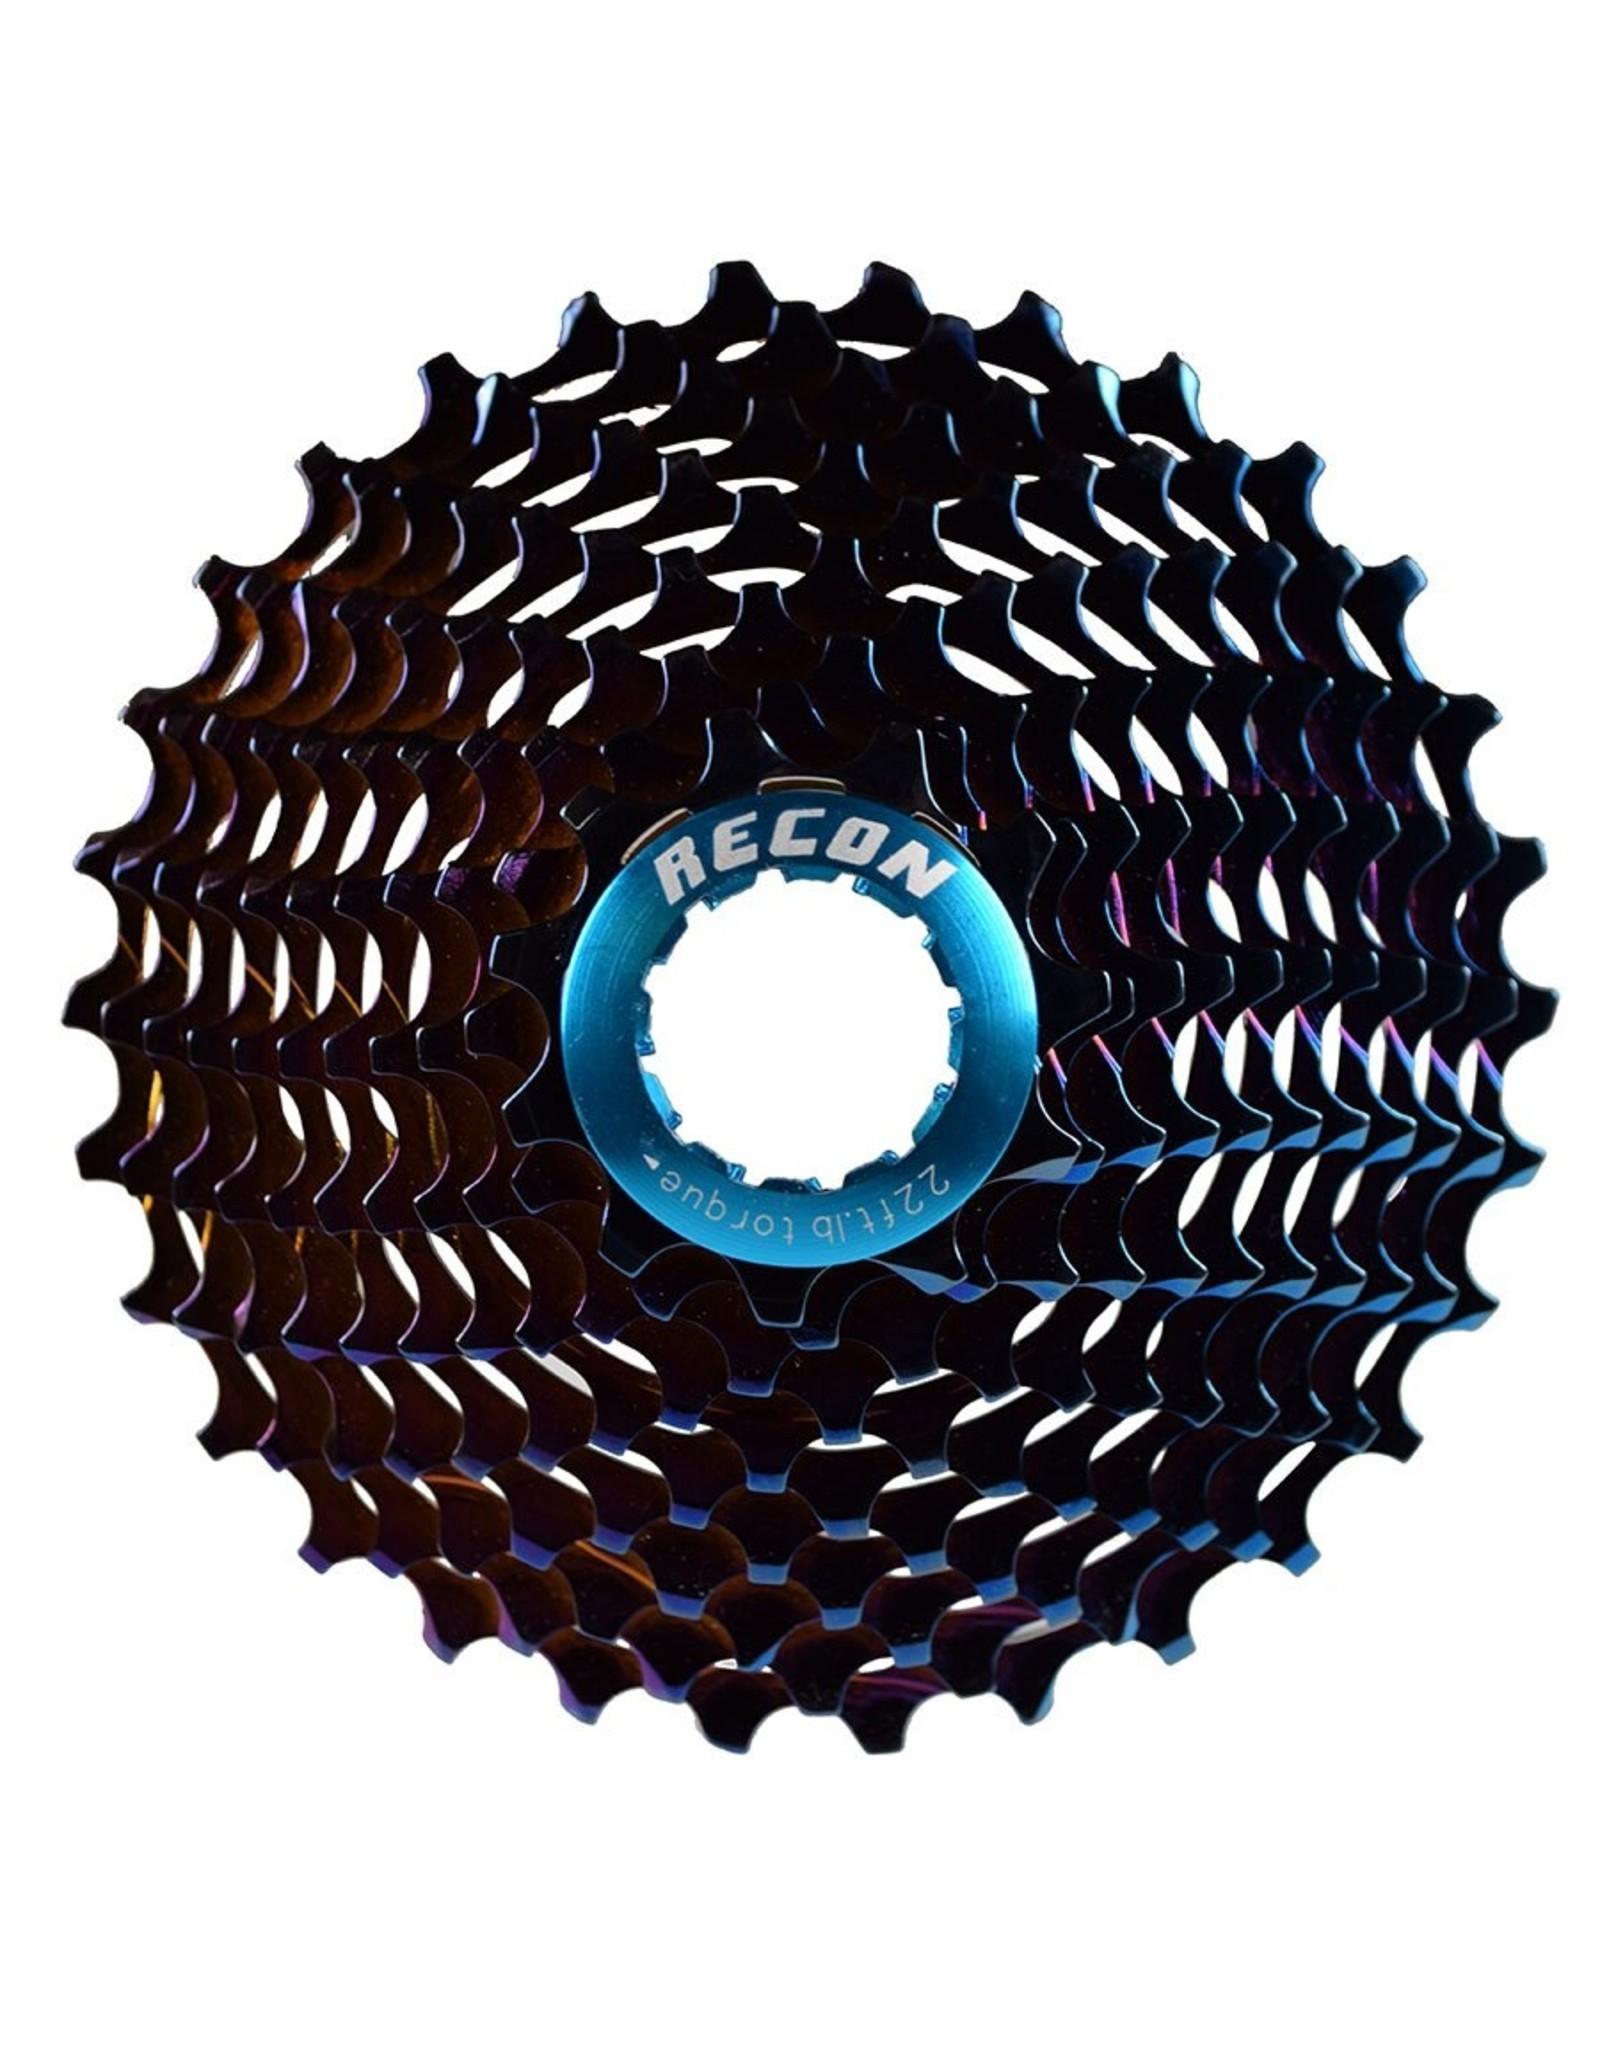 Recon Recon 11 Speed Cr-Mo Cassette